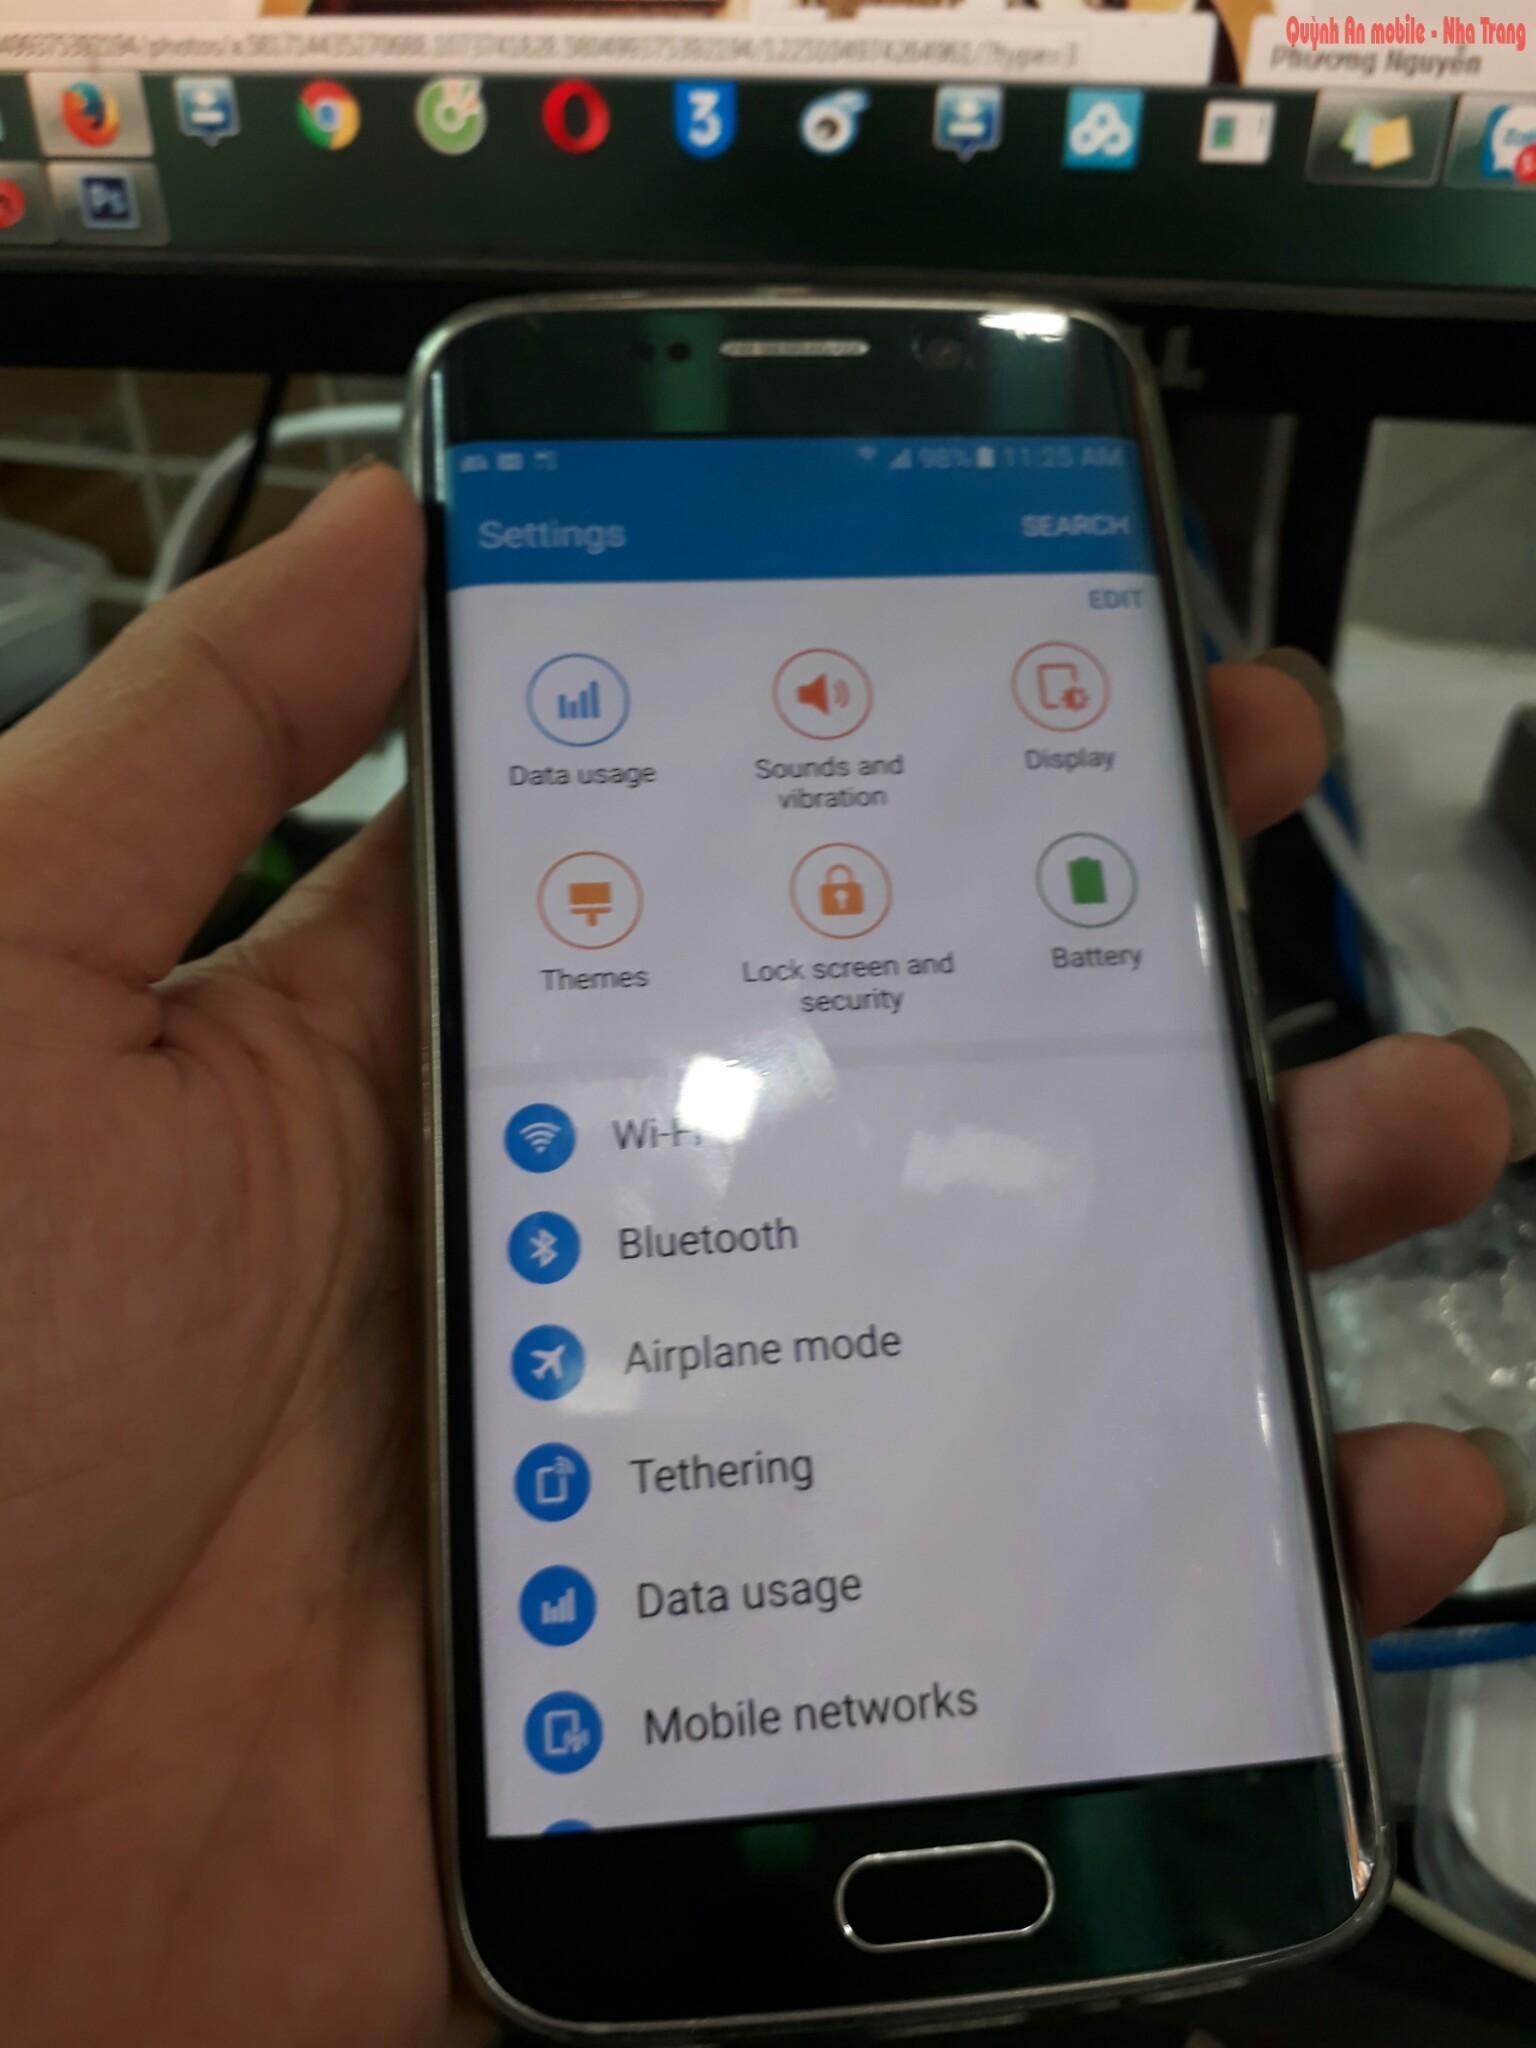 Máy Samsung galaxy S6 edge SC-04G xách tay về không cớ tiếng Việt